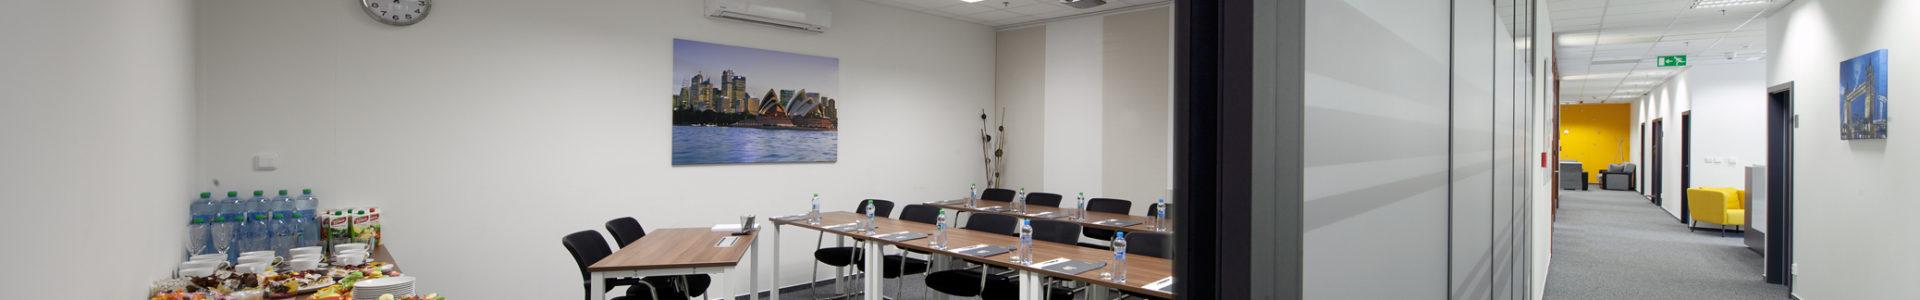 Zasedací místnost Sydney